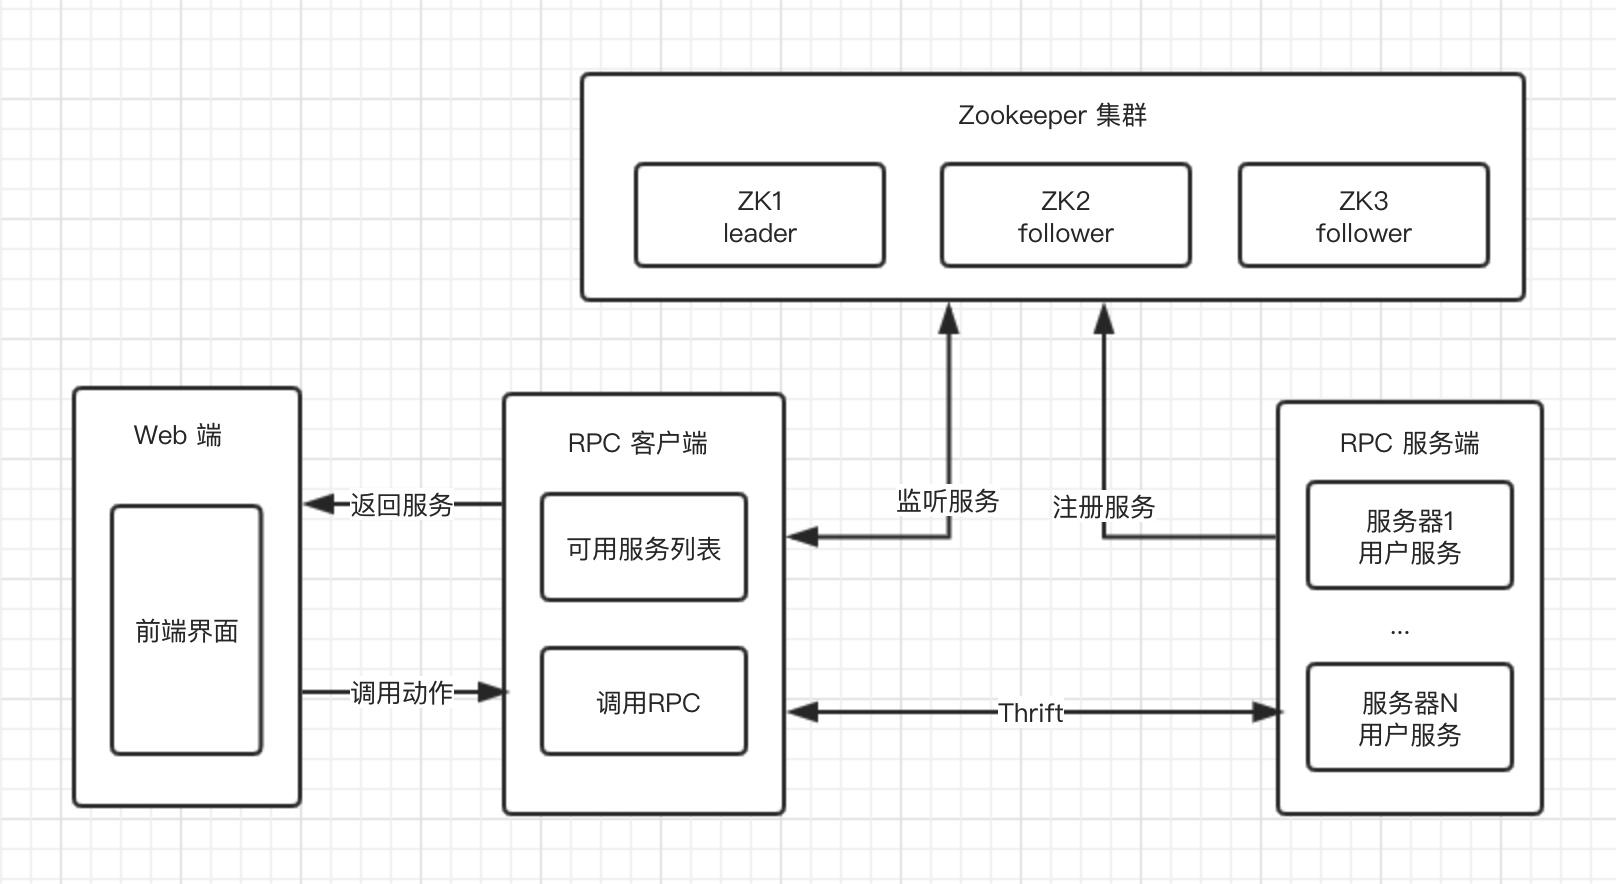 基于 Zookeeper 的微服务结构图